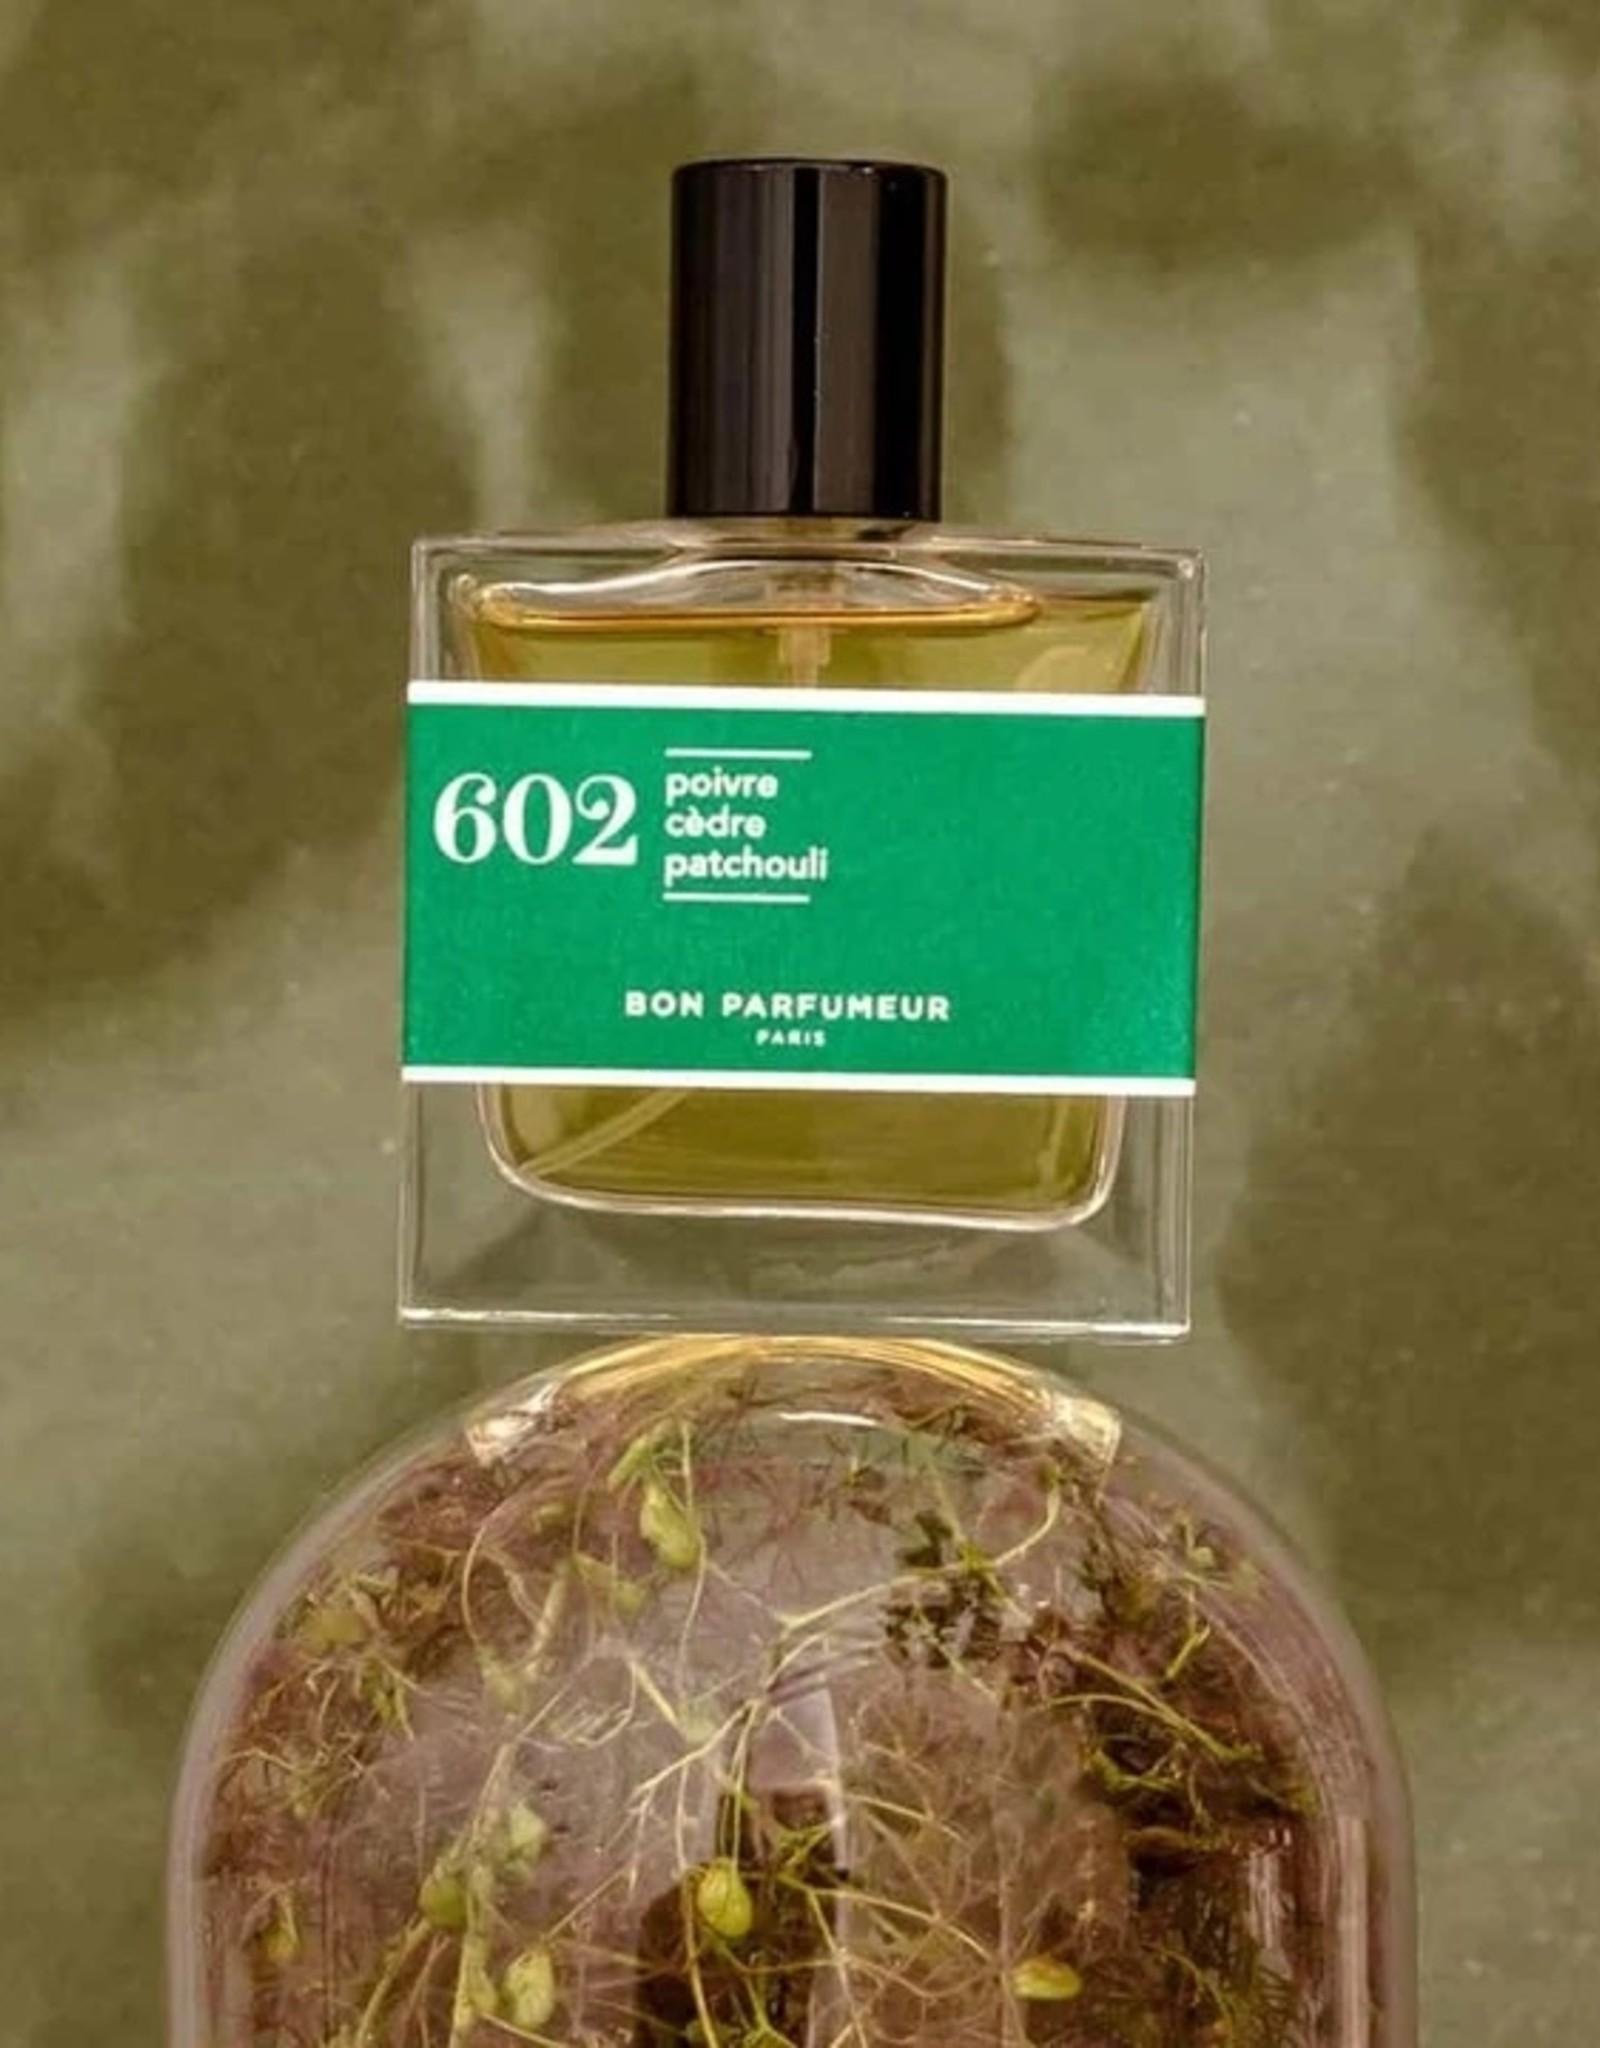 Bon parfumeur Eau de Parfum 602